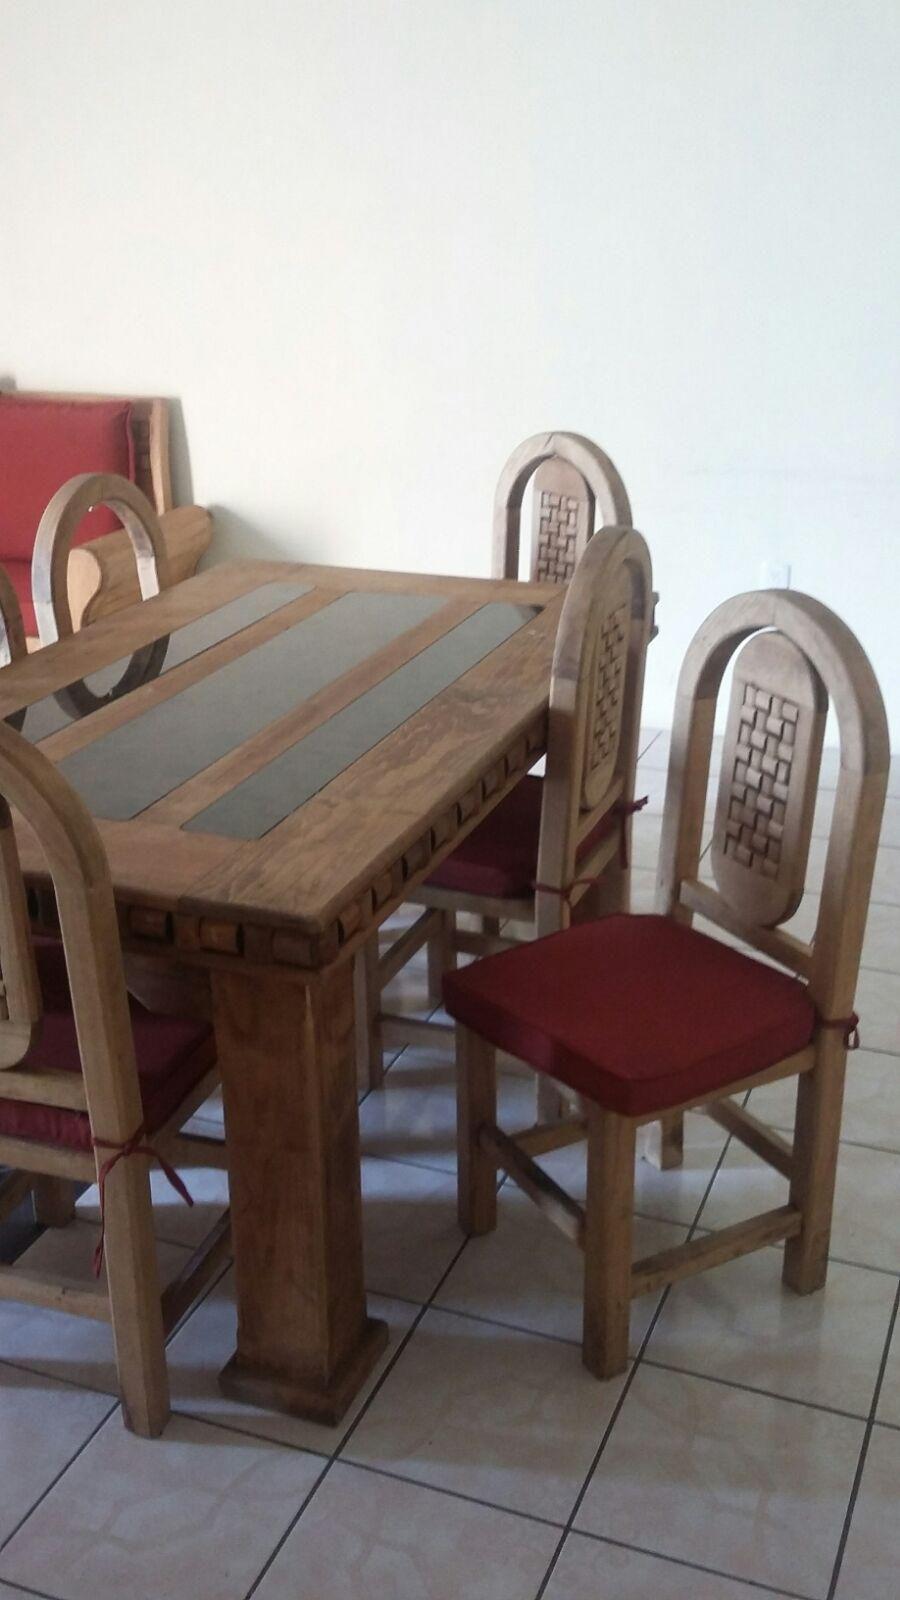 Comedor rustico 6 sillas for Comedor 6 sillas usado